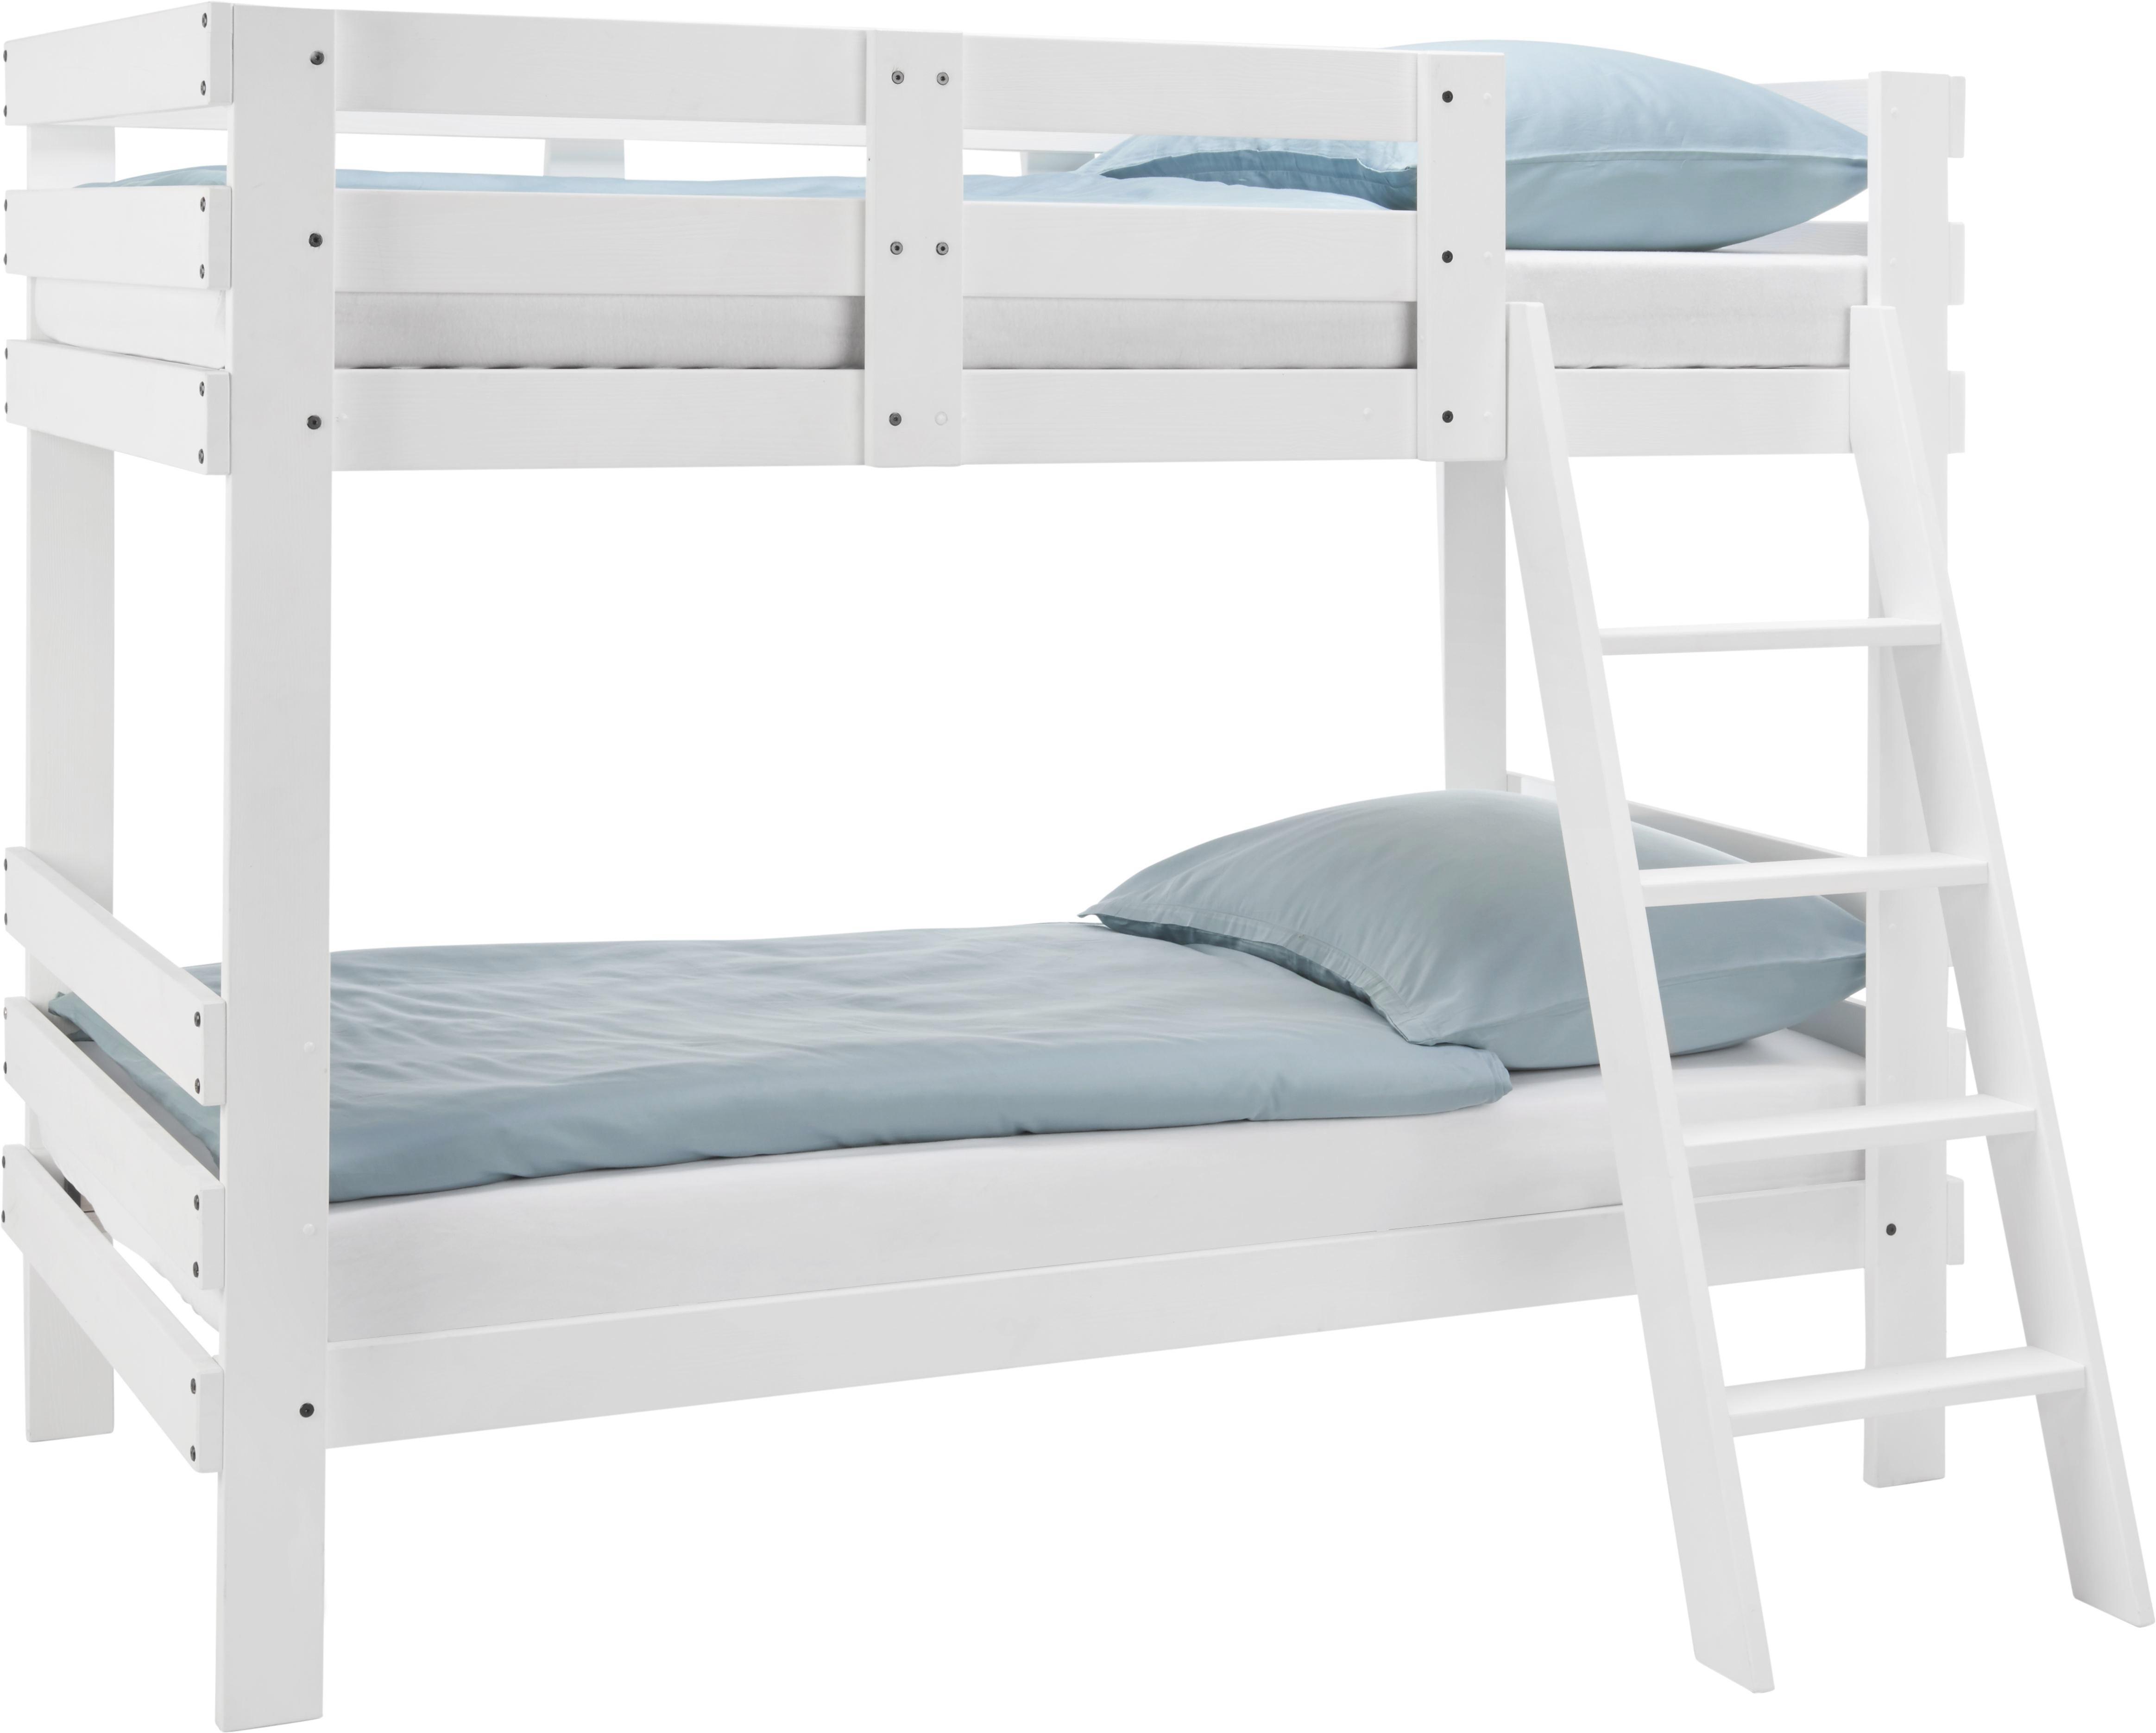 Etagenbett in Weiß, ca. 90x200cm - Weiß, MODERN, Holz (205/165/100cm) - ZANDIARA